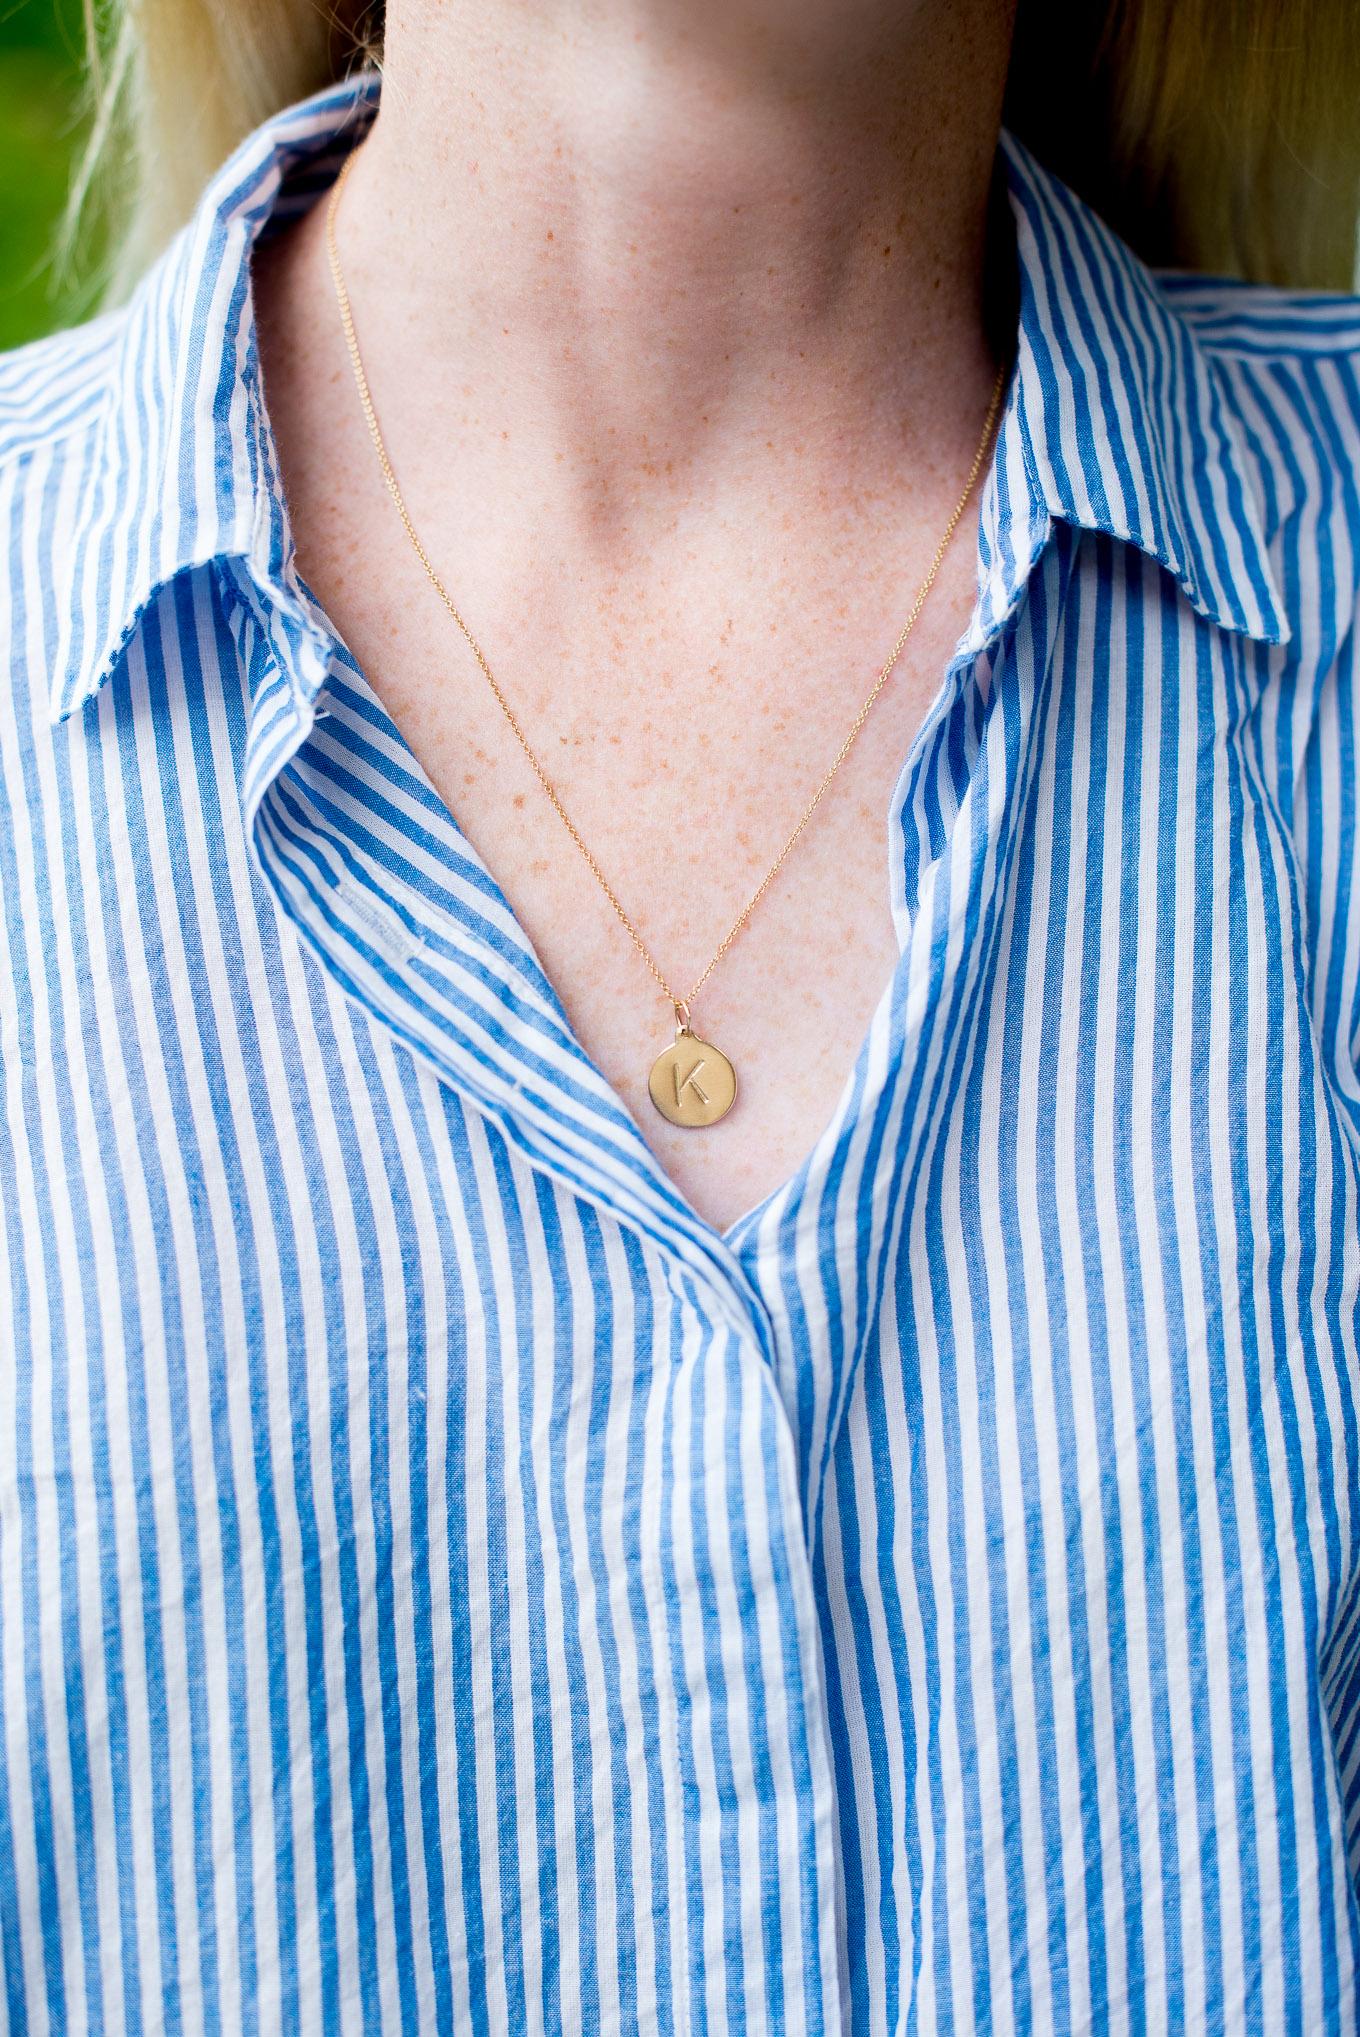 Louis Vuitton Neverfull MM-16